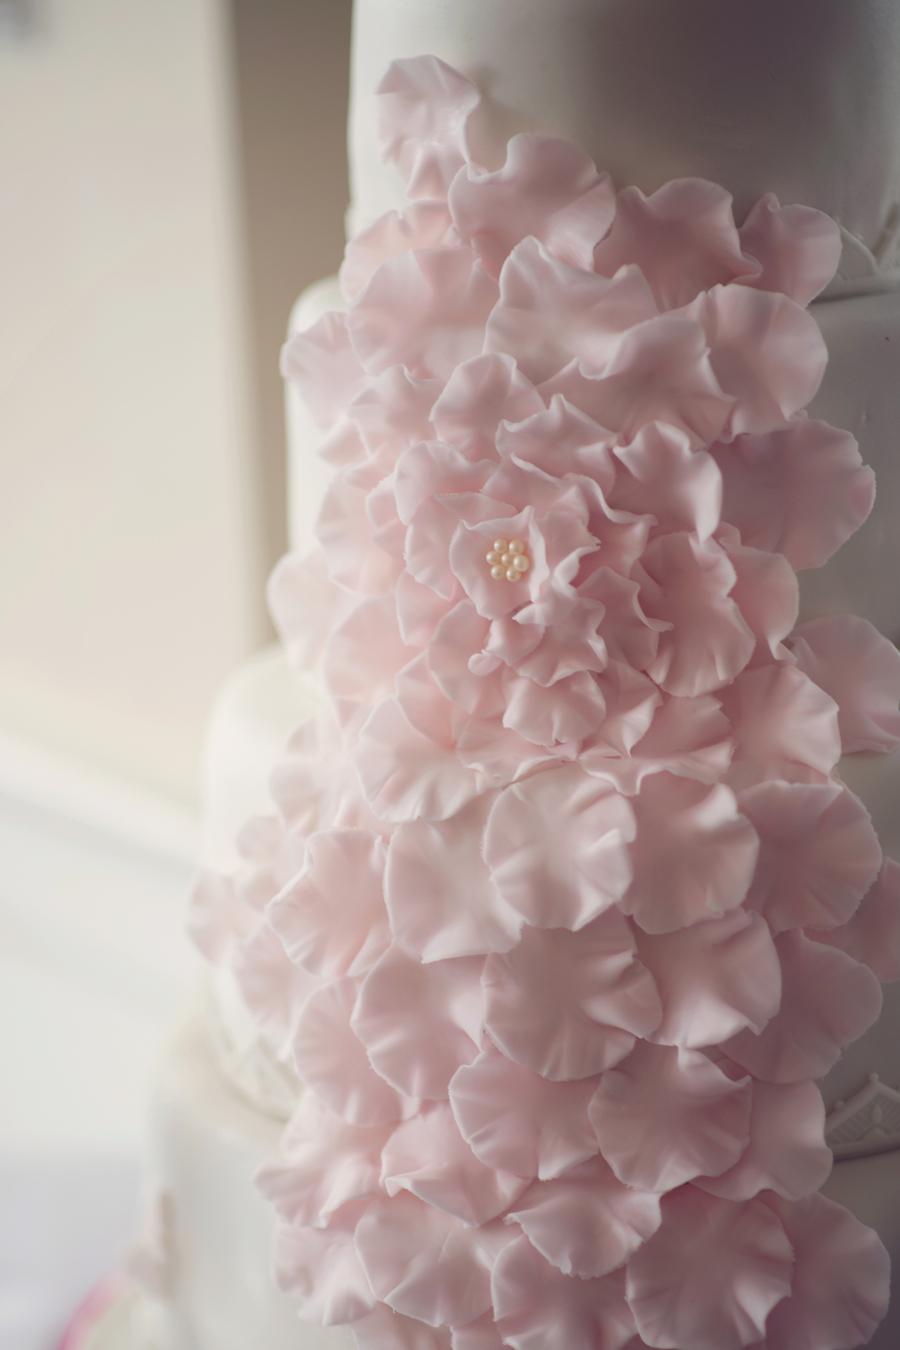 pink sugar flower petals on wedding cake elizabeth anne designs the wedding blog. Black Bedroom Furniture Sets. Home Design Ideas